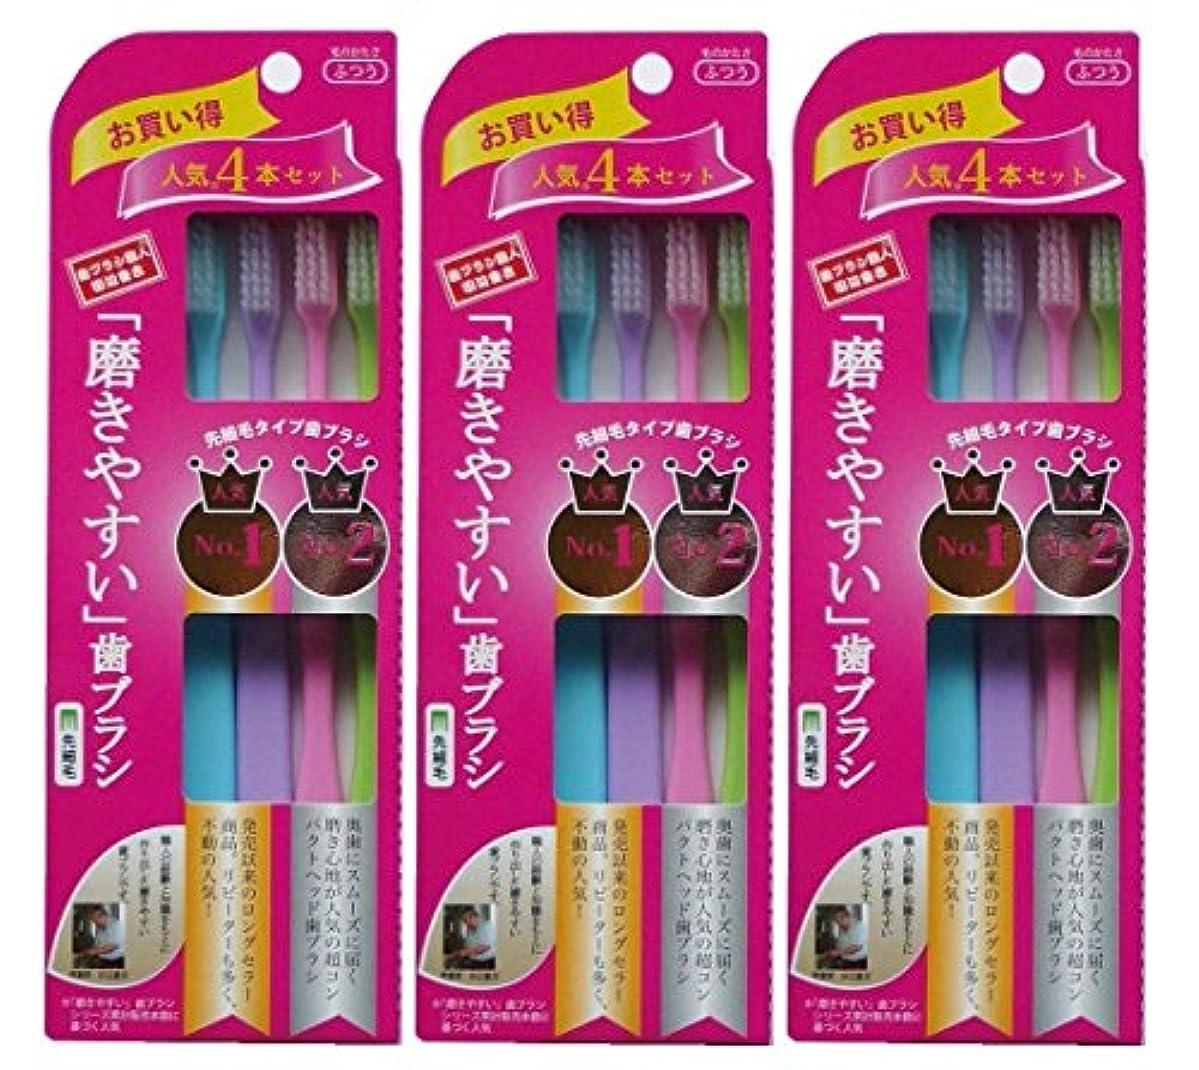 水曜日してはいけません貫通磨きやすい歯ブラシ 人気 No.1 No.2 先細毛 LT-21 4本組×3個セット